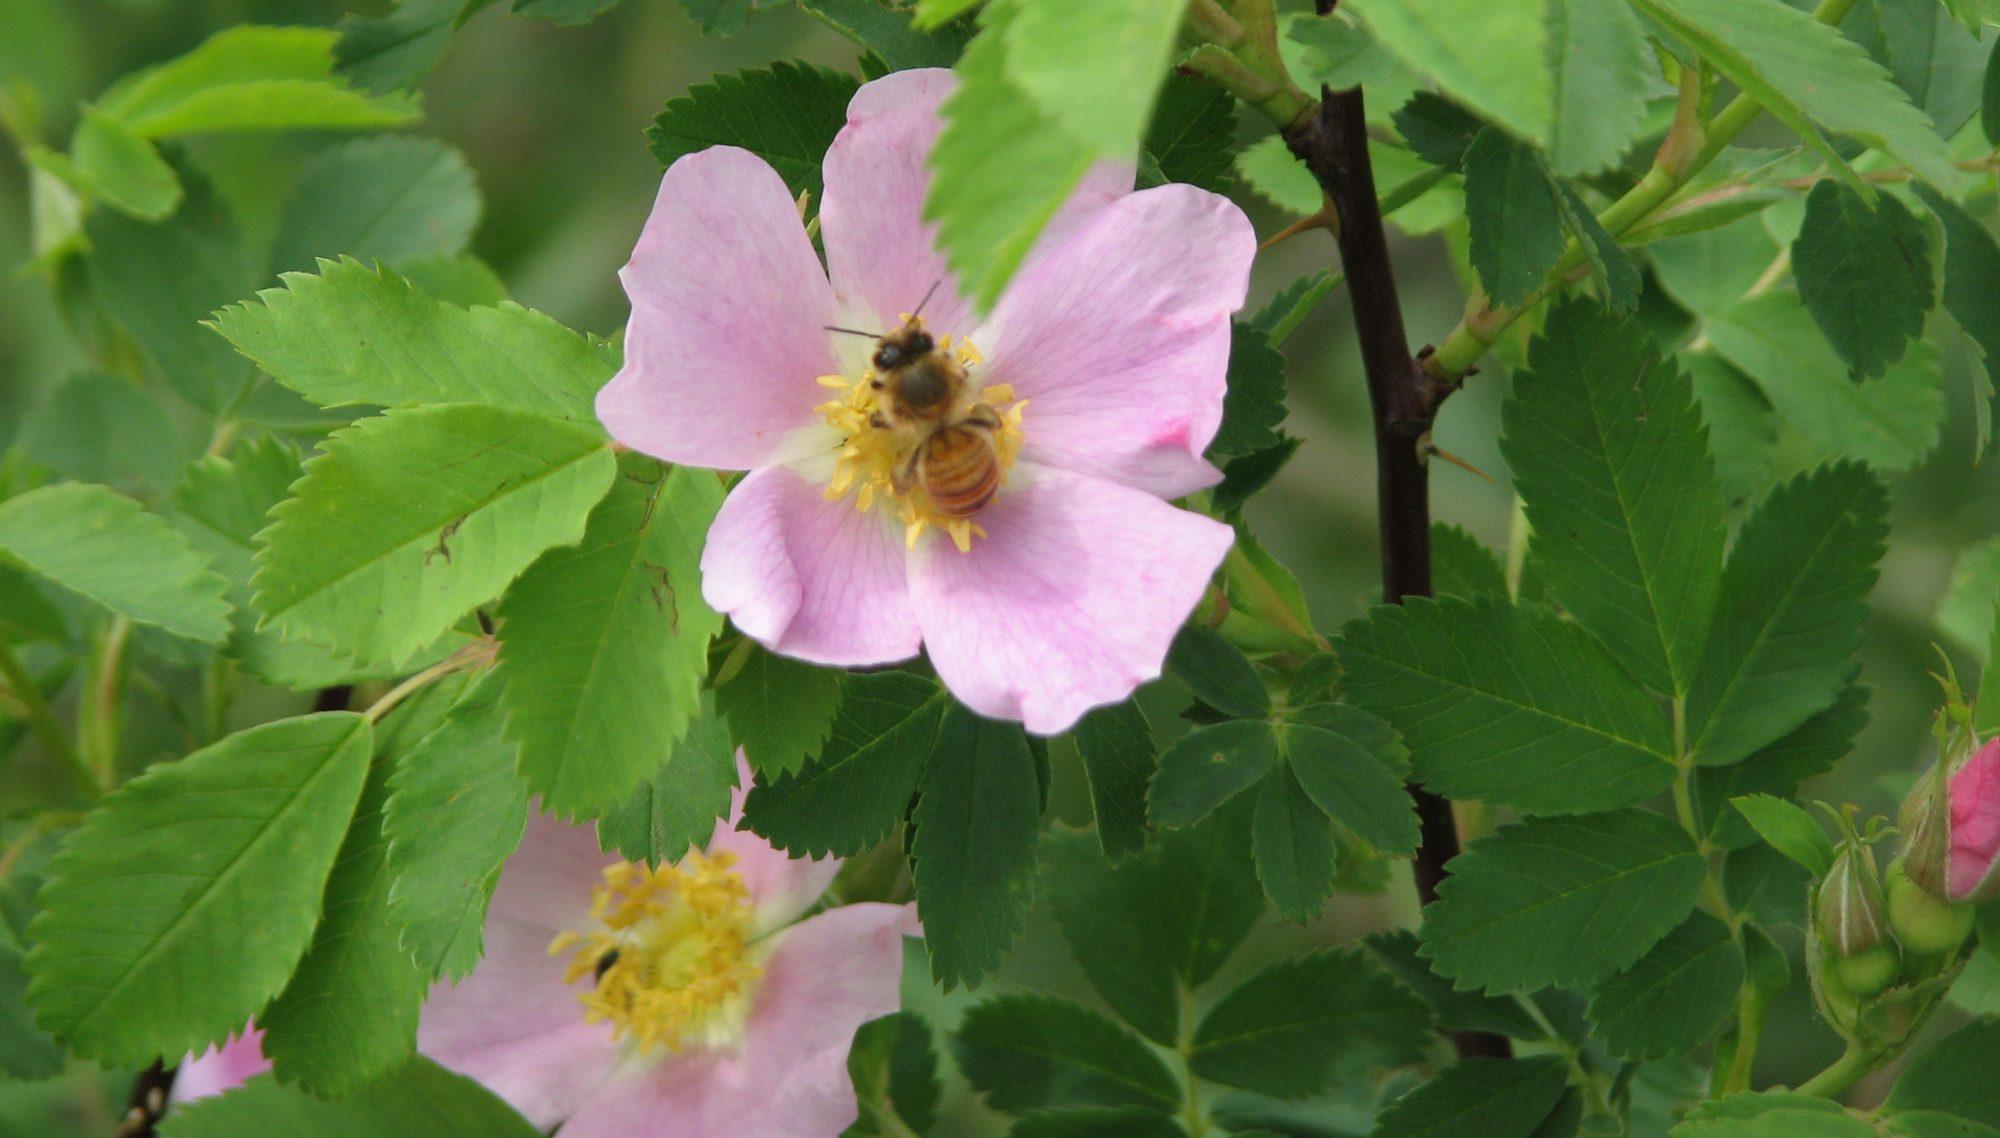 HoneyComb.ca